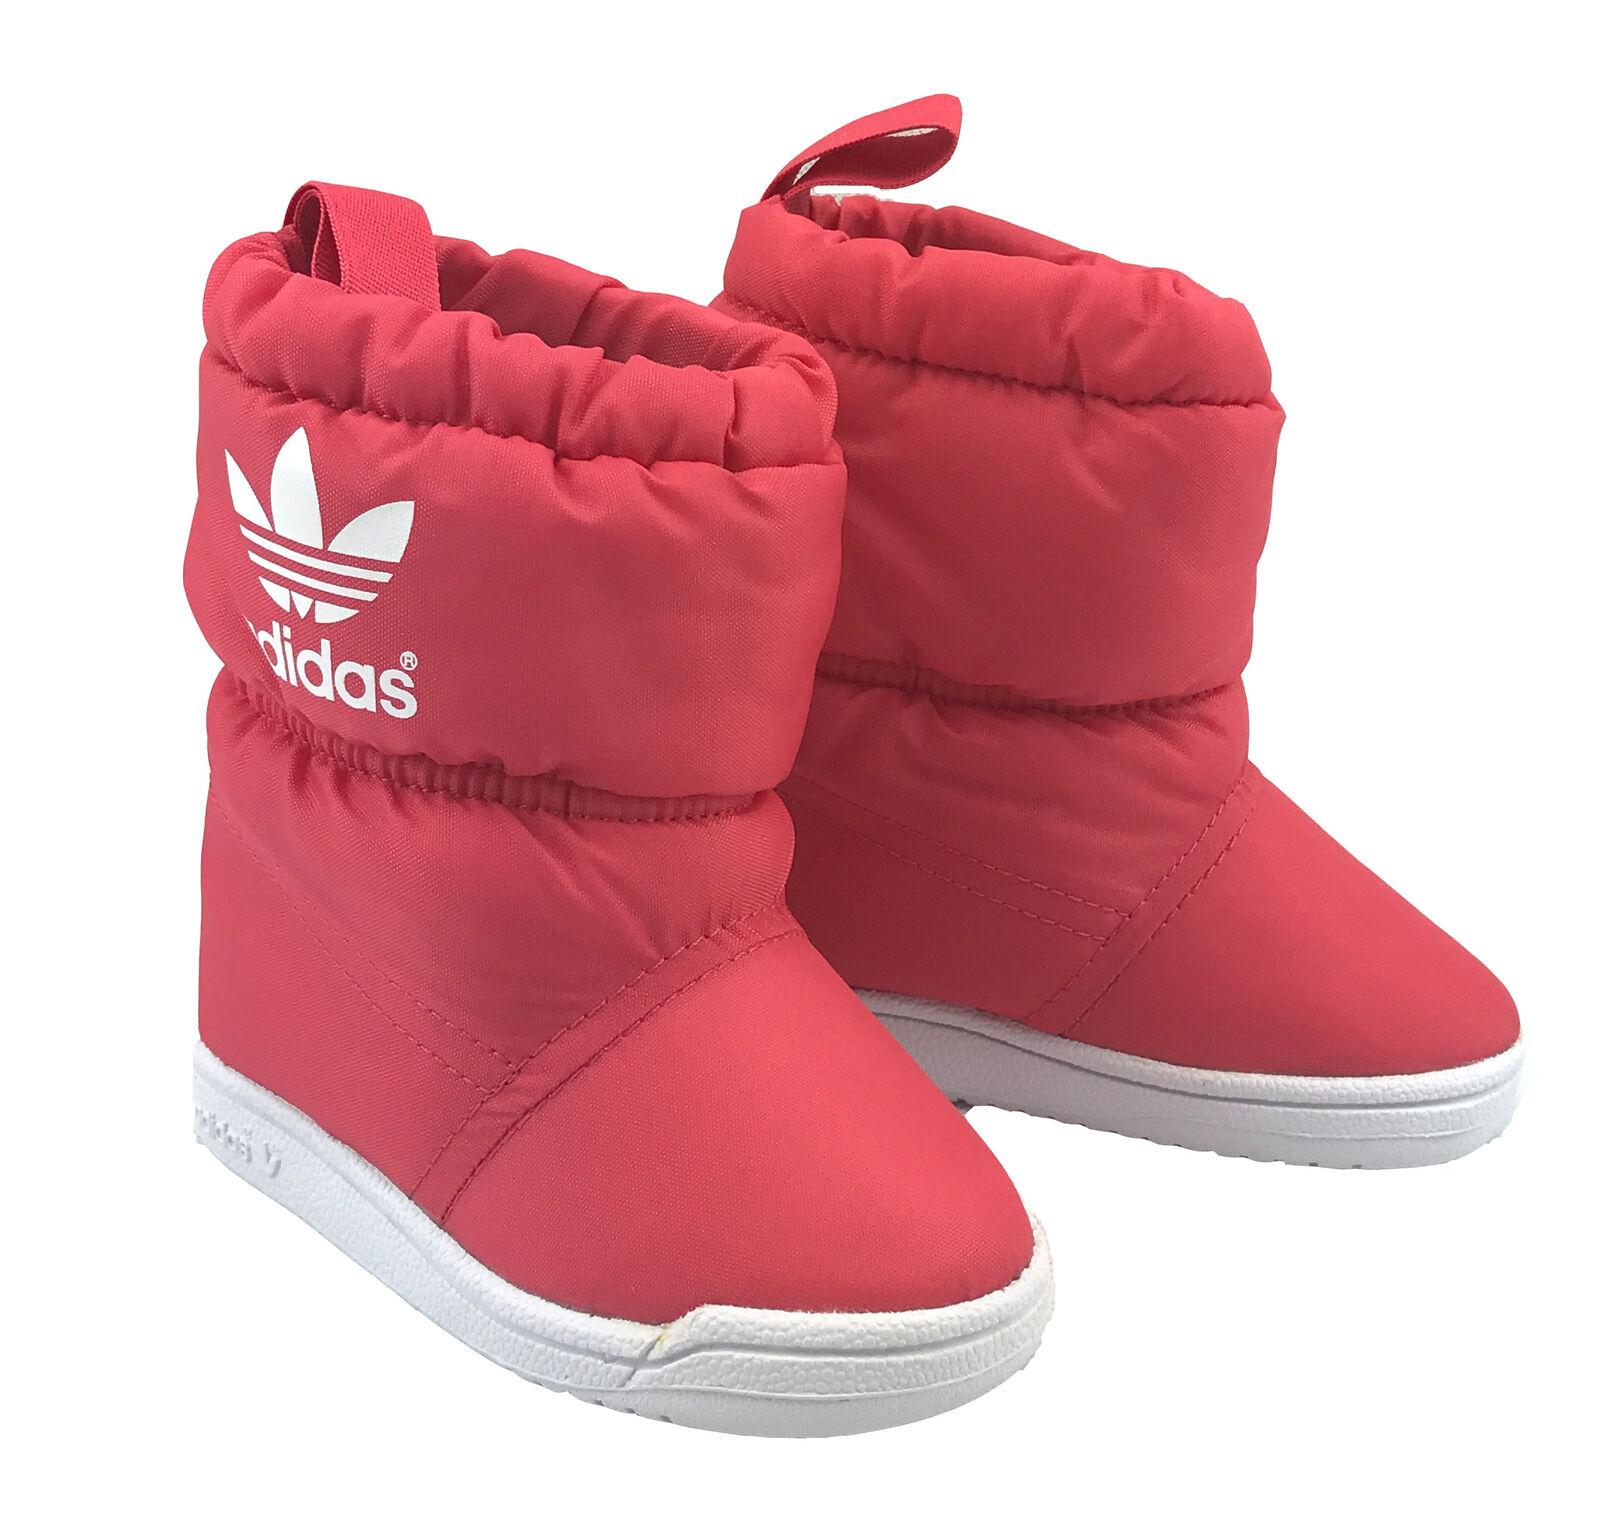 adidas Baby Mädchen Kinder Stiefel Winterstiefel Schneeschuhe Boots Rot Gr.29-33